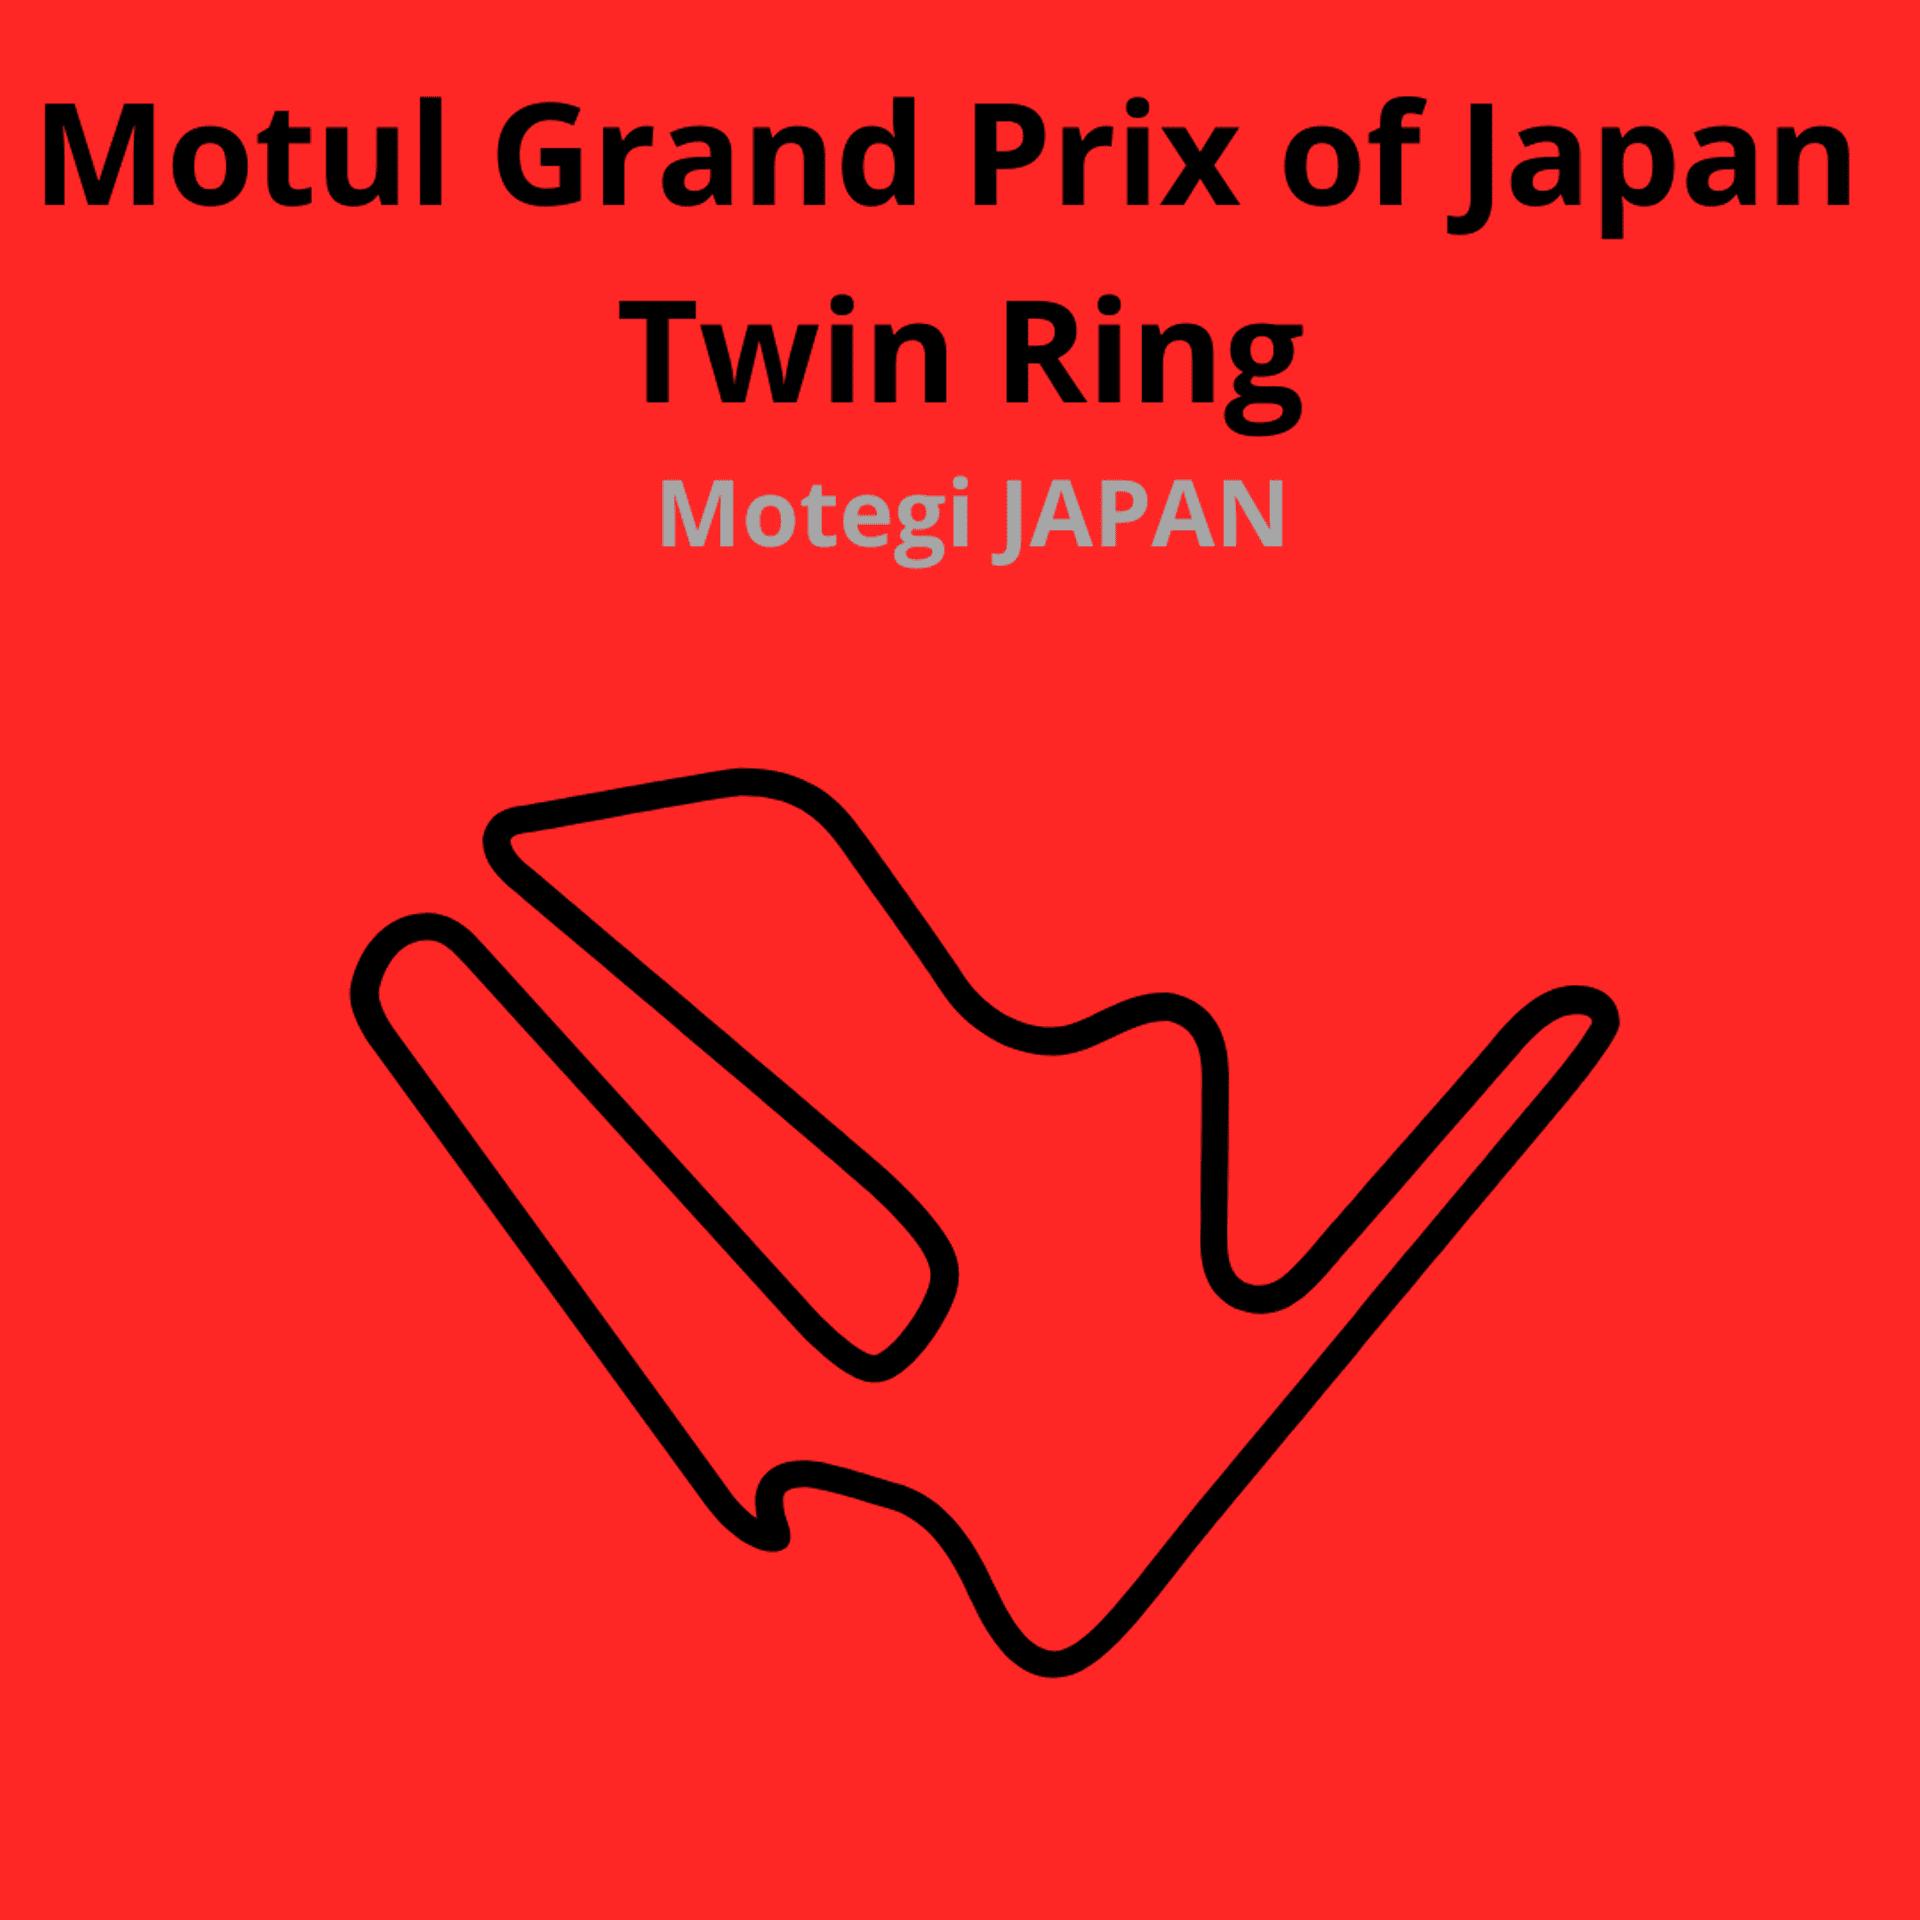 Motul Grand Prix of Japan. Scopri tutte le gare del moto mondiale 2021.Le caratteristiche di ogni circuito, i record e difficoltà.Segui insieme a noi tutte le gare di Tony Arbolino nella sua nuova avventura in Moto2